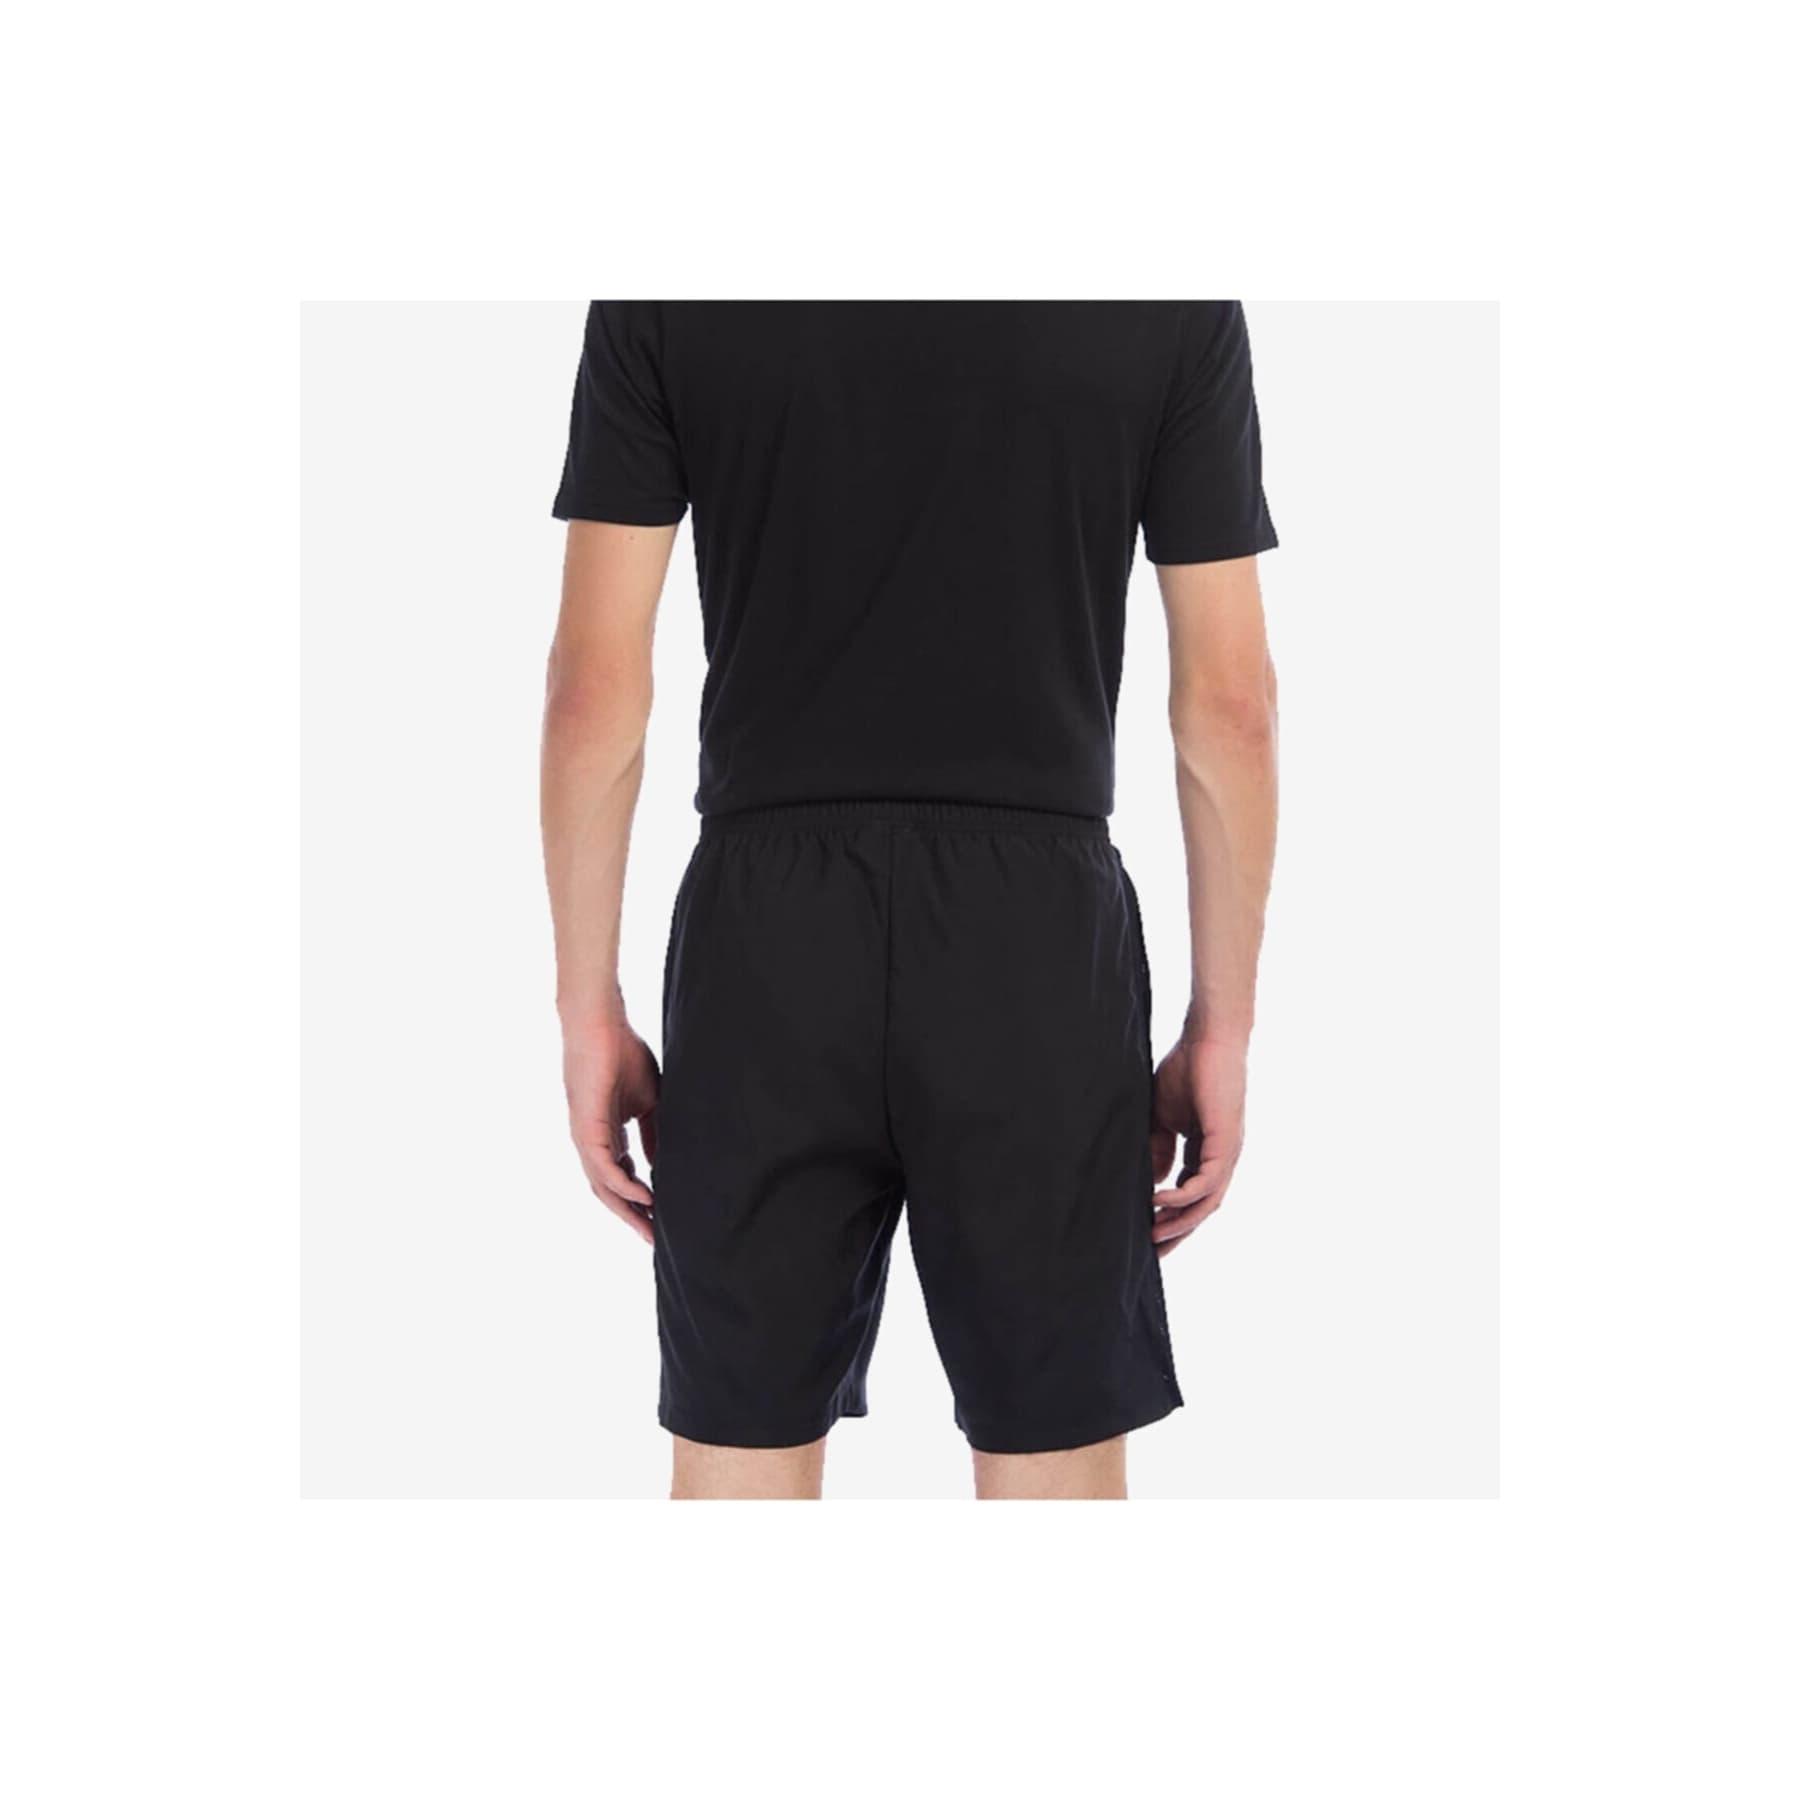 Dry Academy 18 Erkek Siyah Futbol Şort (893787-010)